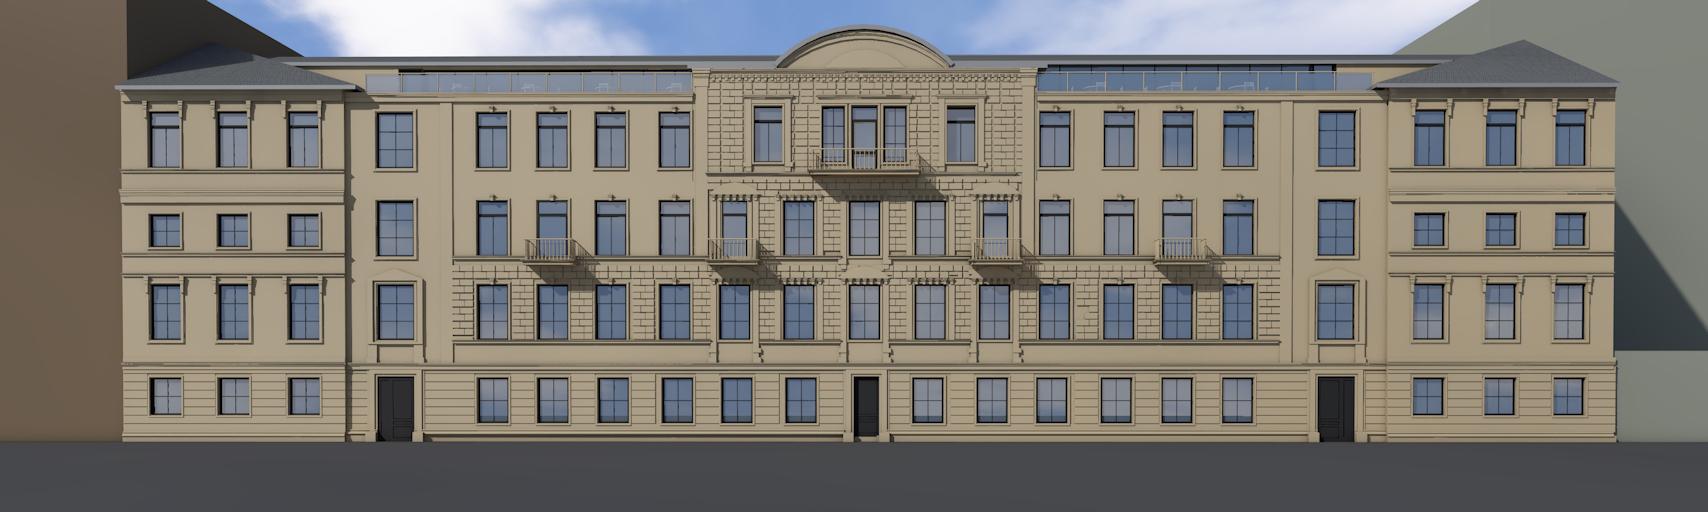 Концепция достройки фасада исторического здания фото f_1995c092598cde17.jpg